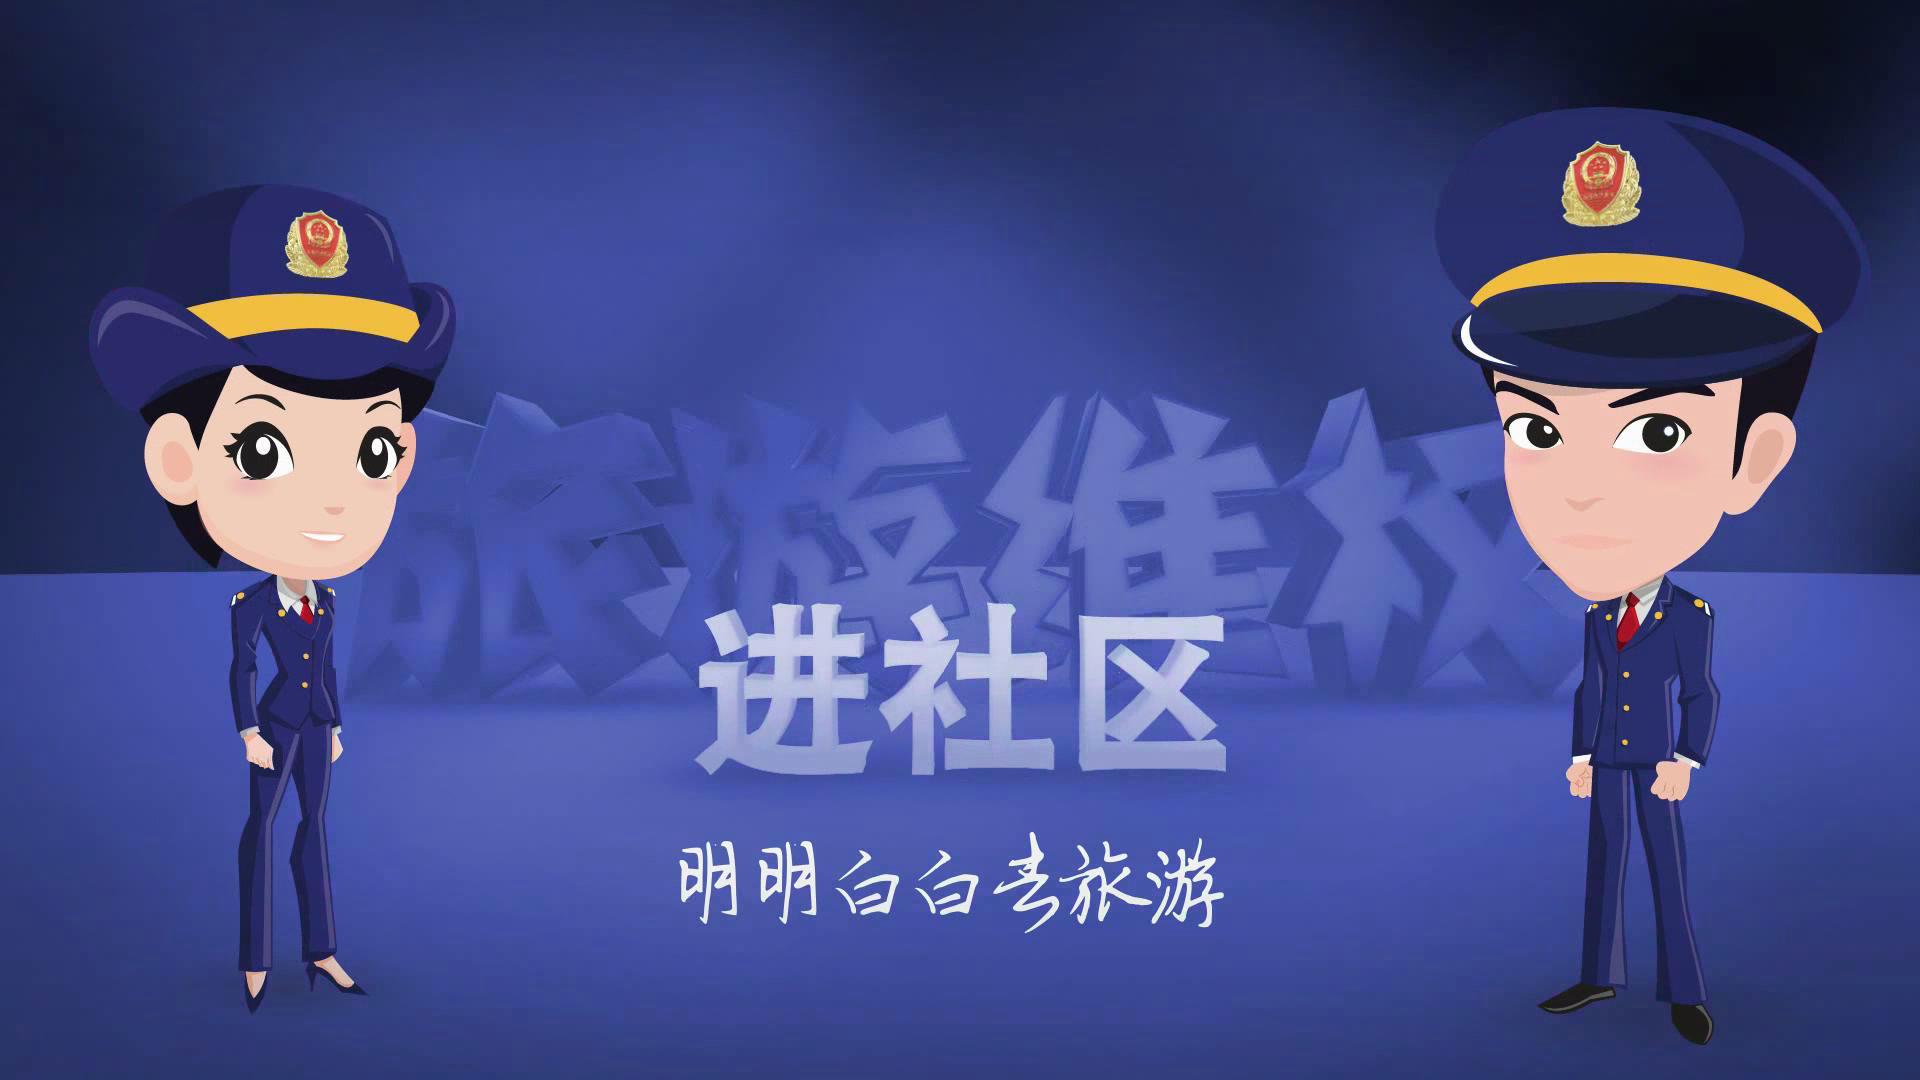 文明旅游进社区_2016314141415.JPG